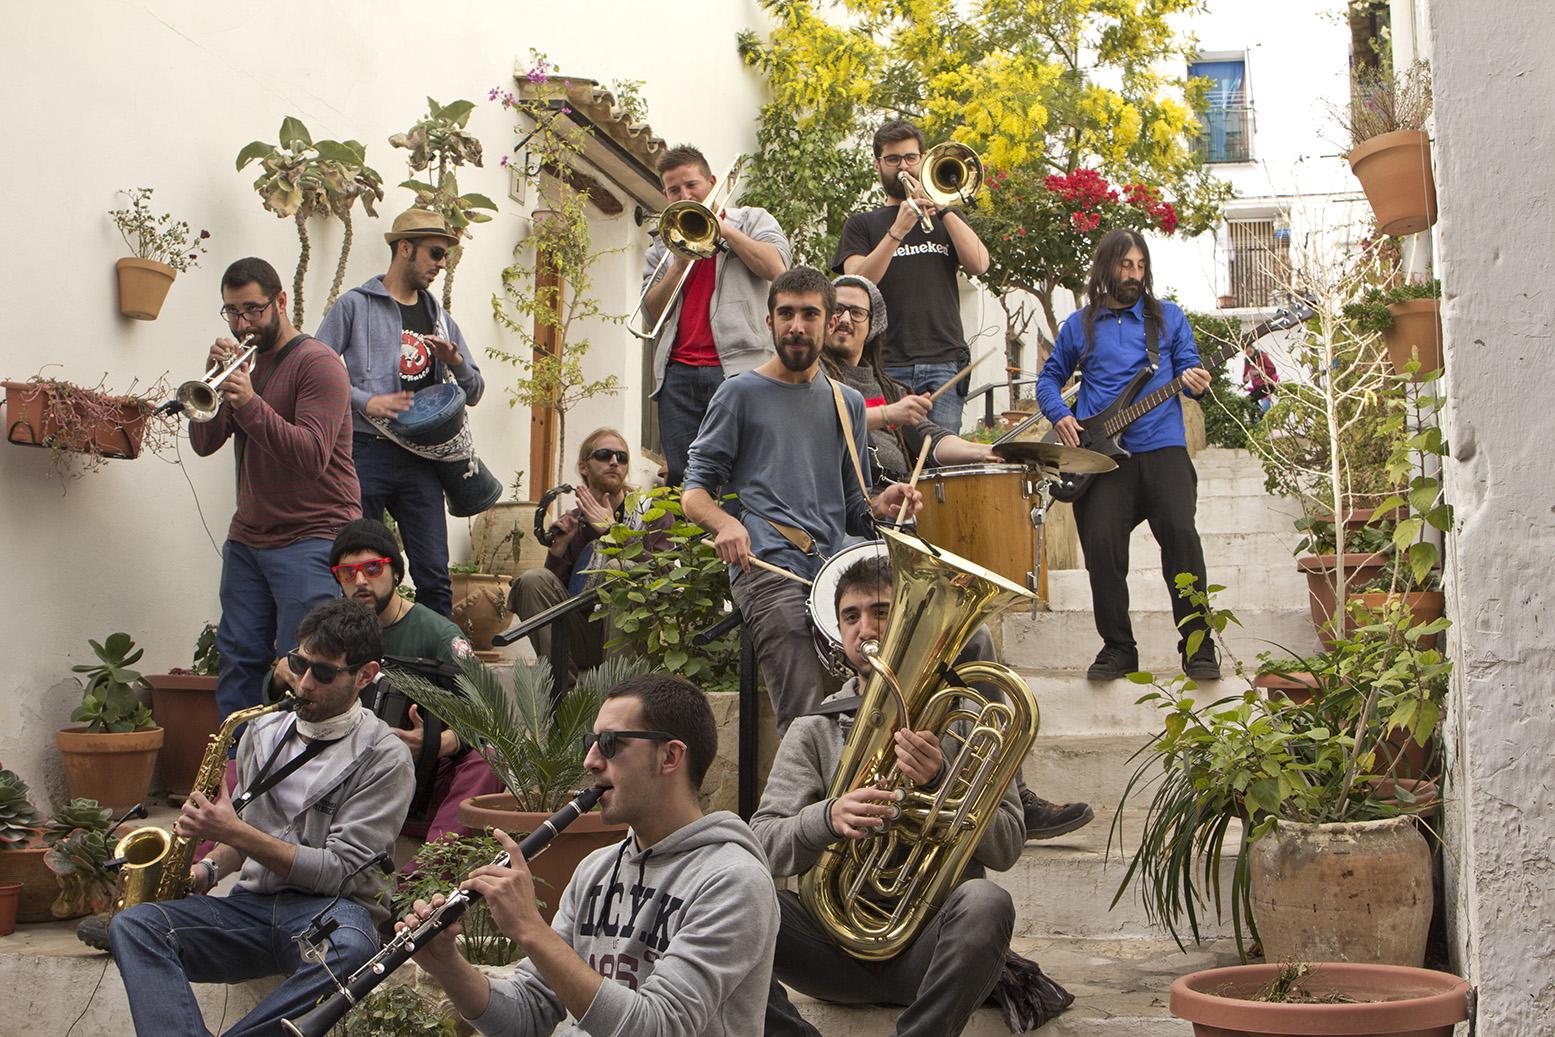 La Trocamba Matanusca, nominada als Premis Carles Santos de la Música Valenciana El Periòdic d'Ontinyent